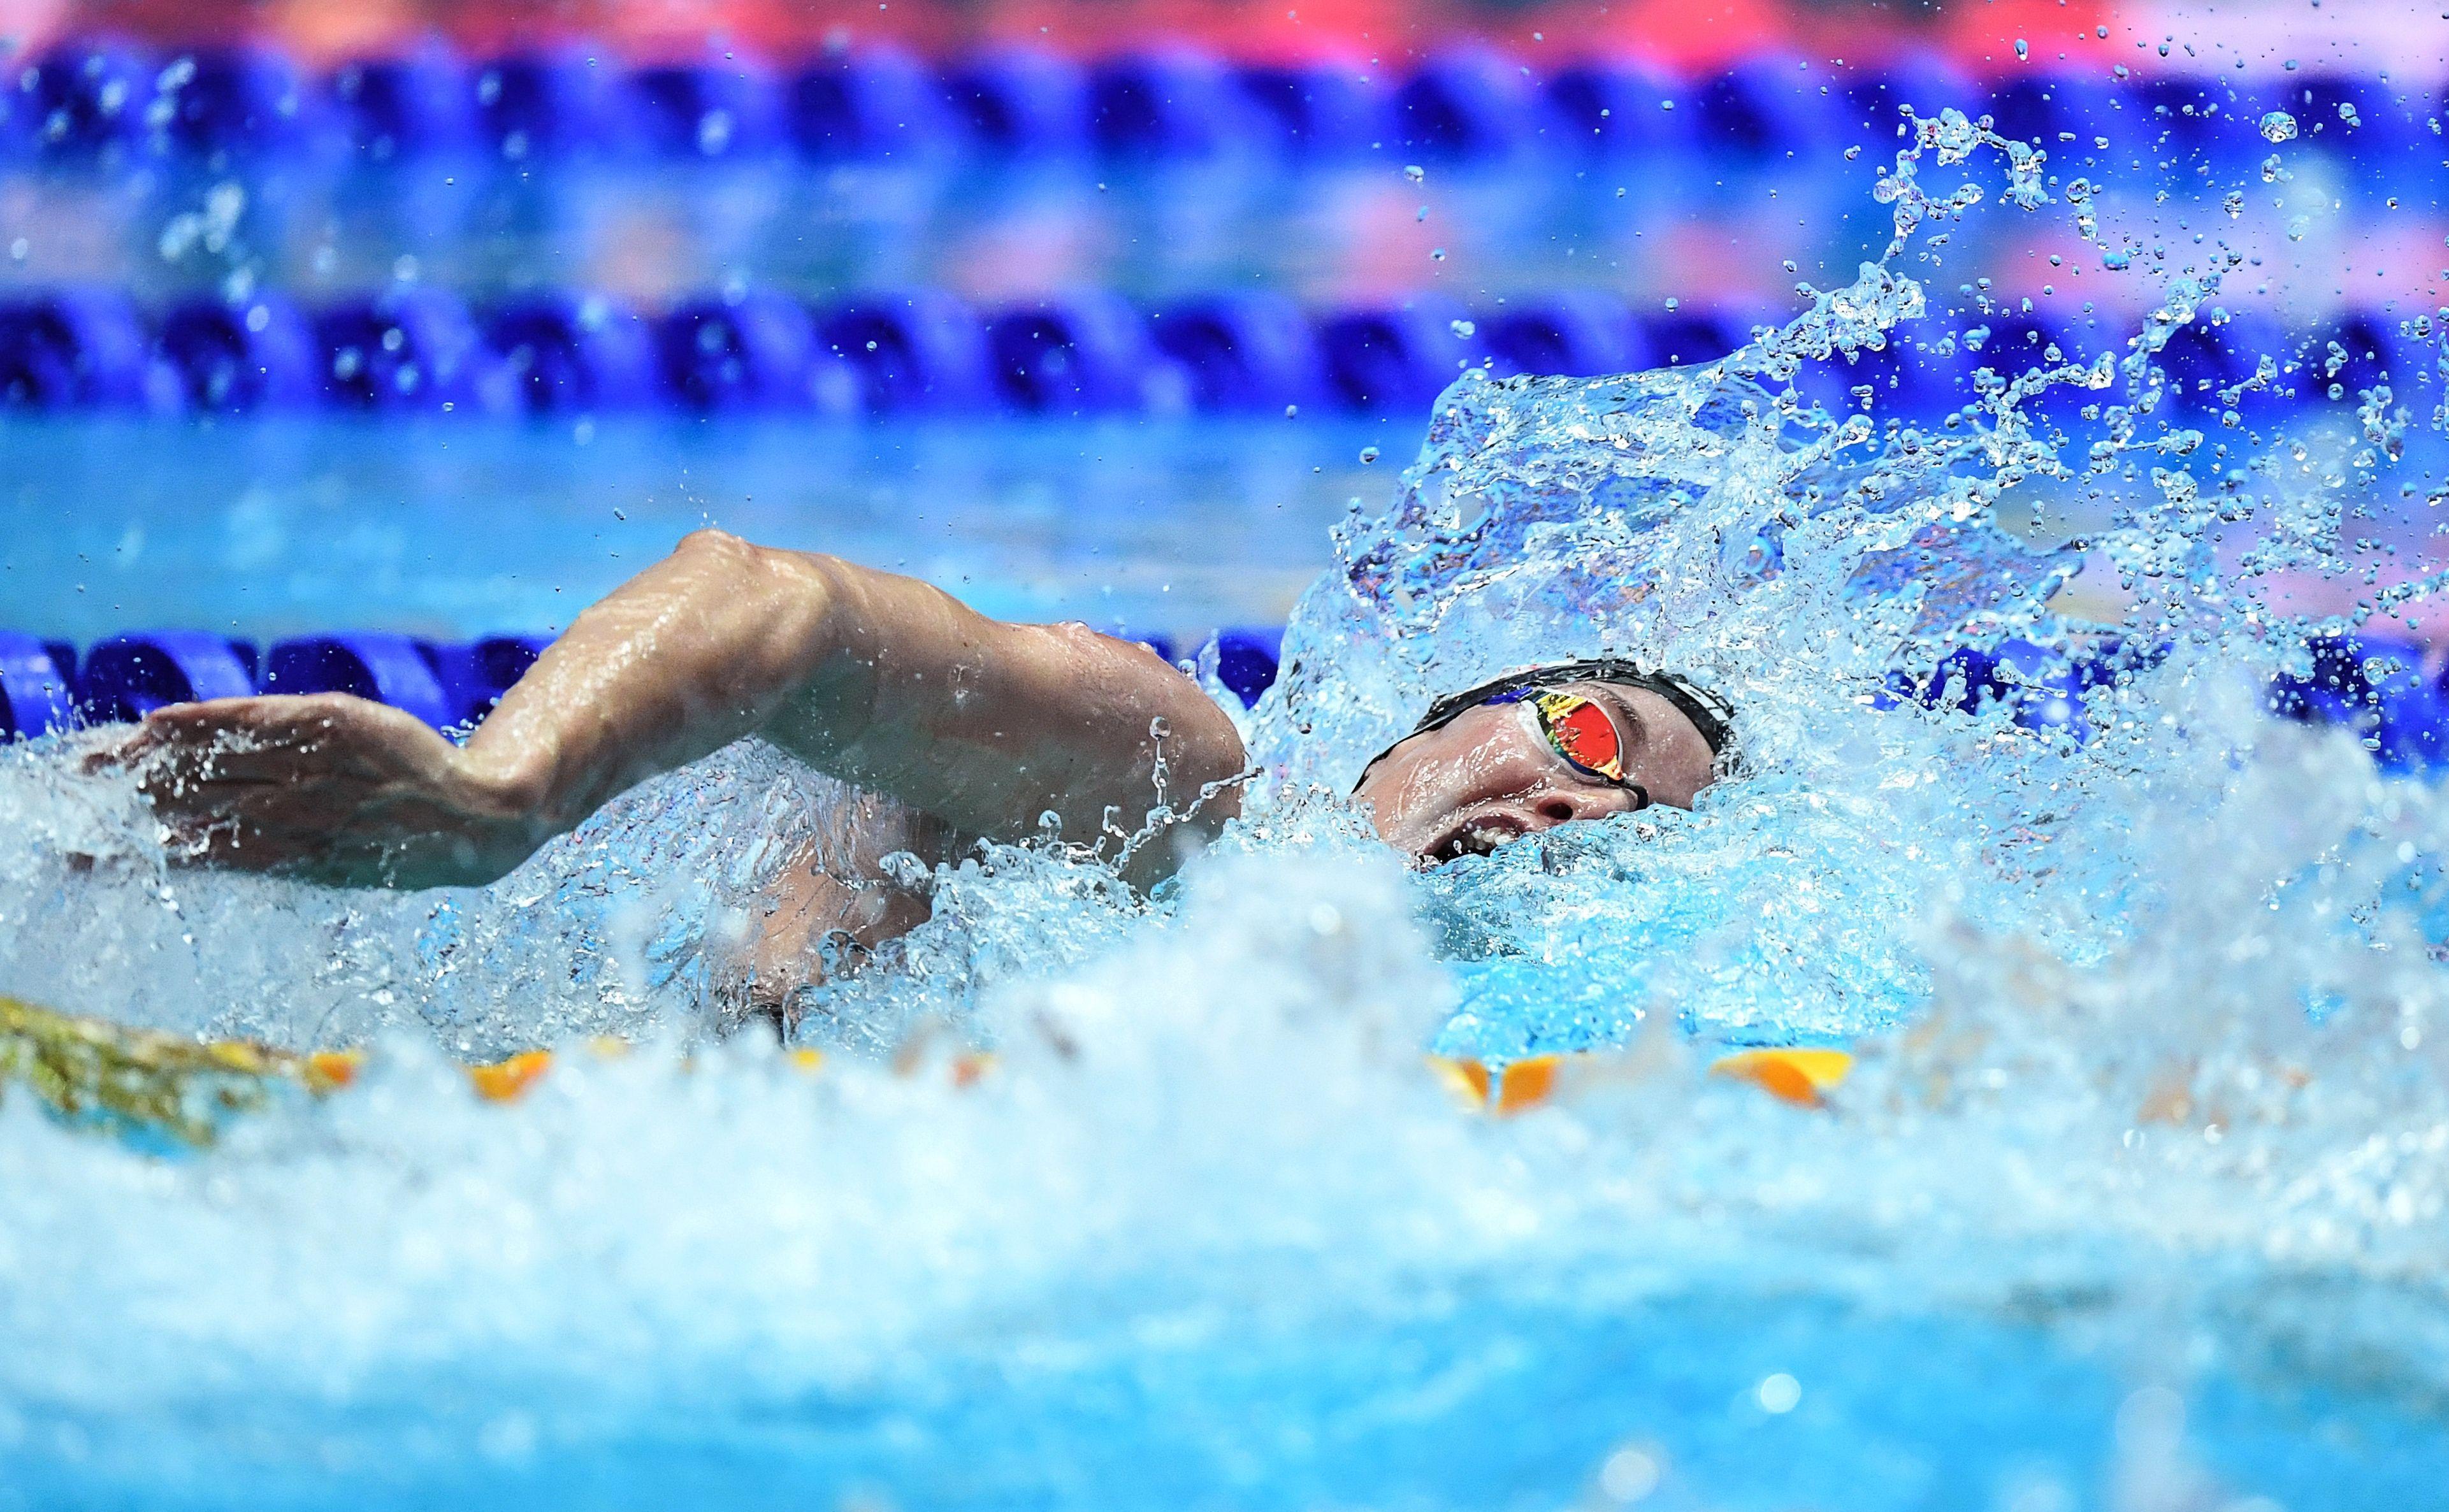 Heemskerk naar finale 100 vrij op WK zwemmen, 'Kromo' niet